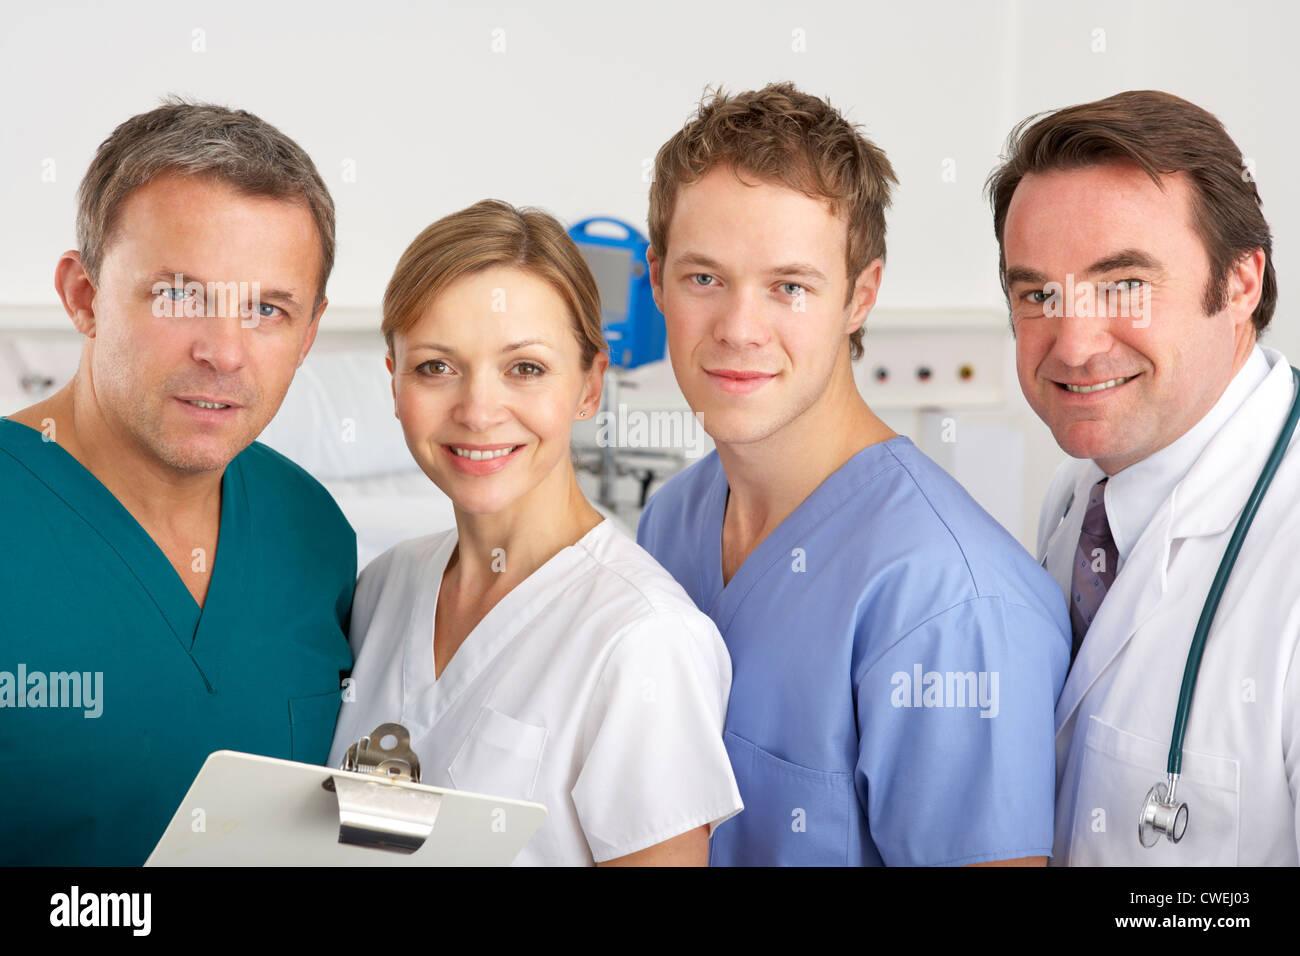 Porträt amerikanischen Ärzteteam auf Krankenstation Stockbild